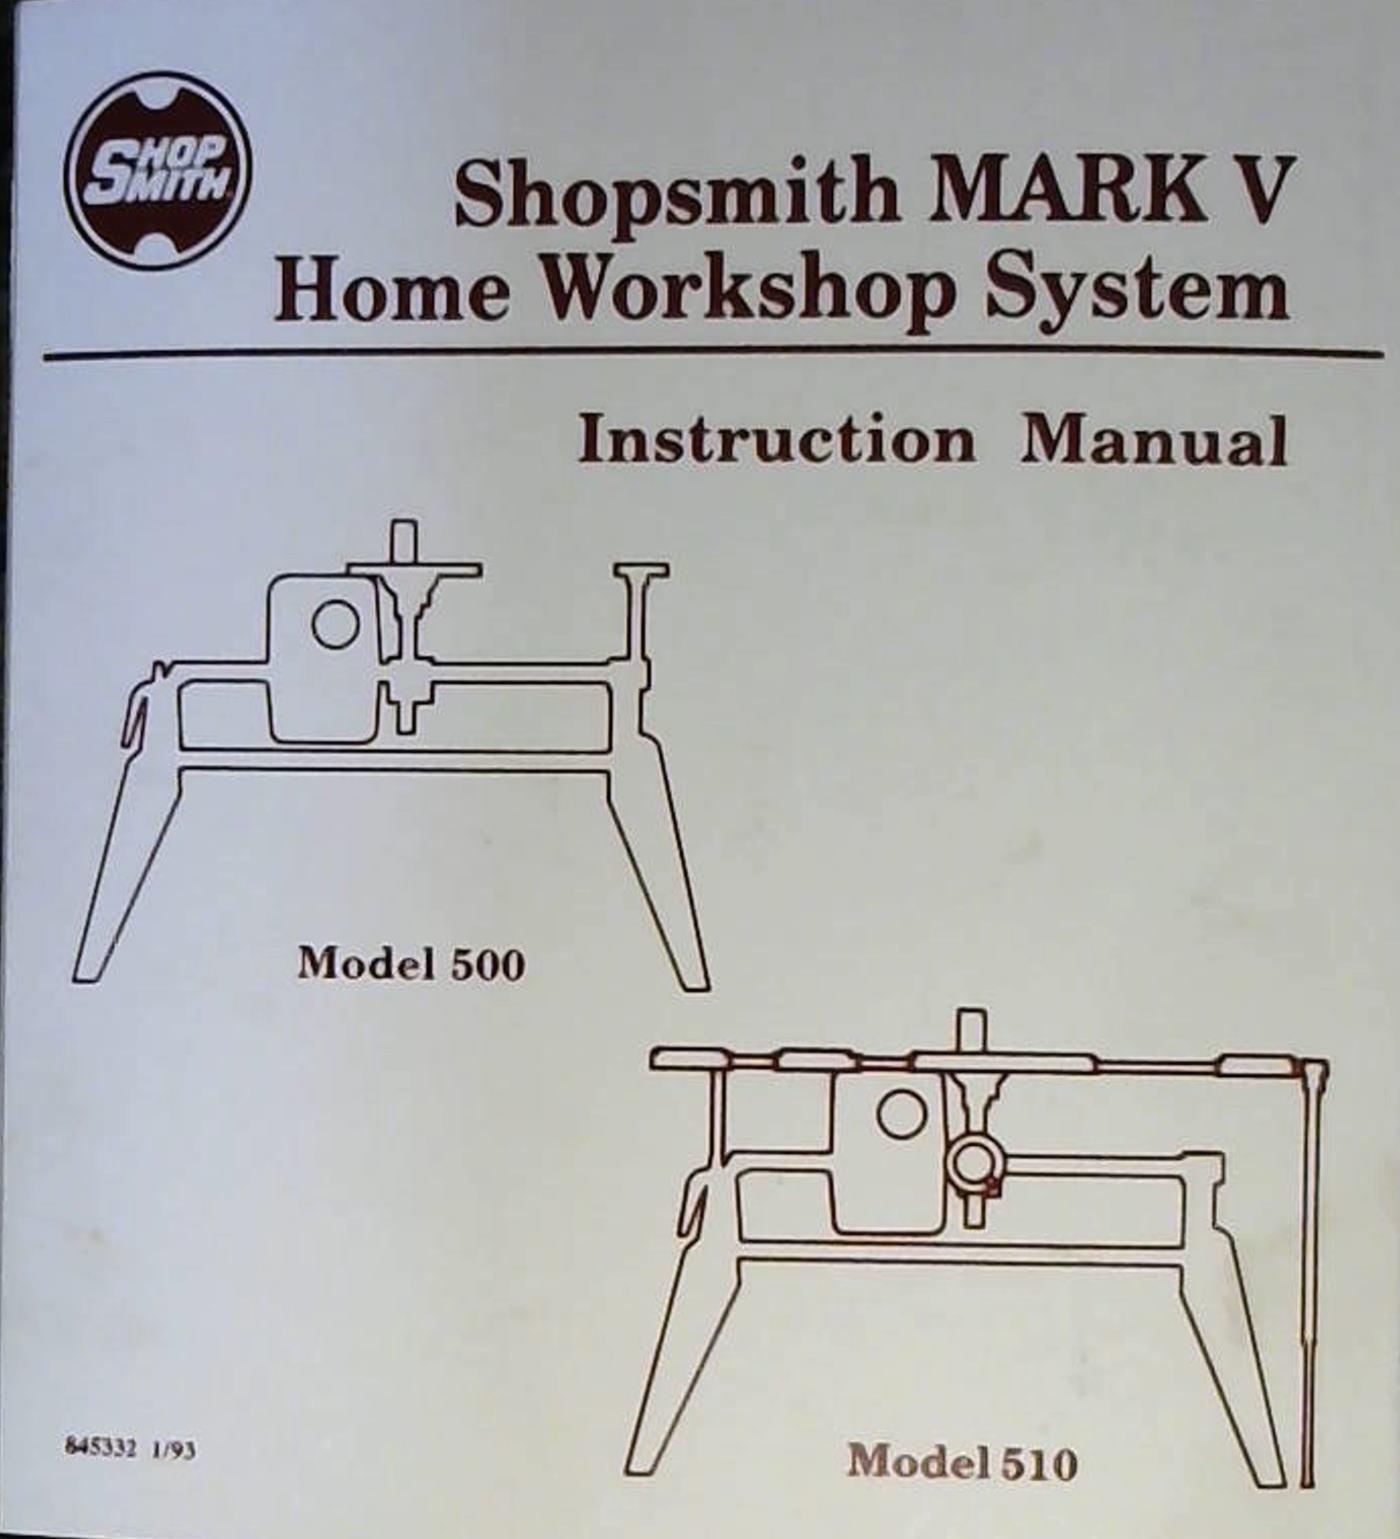 shopsmith mark v wiring diagram wiring library Refrigeration Compressor Wiring Diagram shopsmith mark v home workshop system instruction manual model 500 model 510 shopsmith